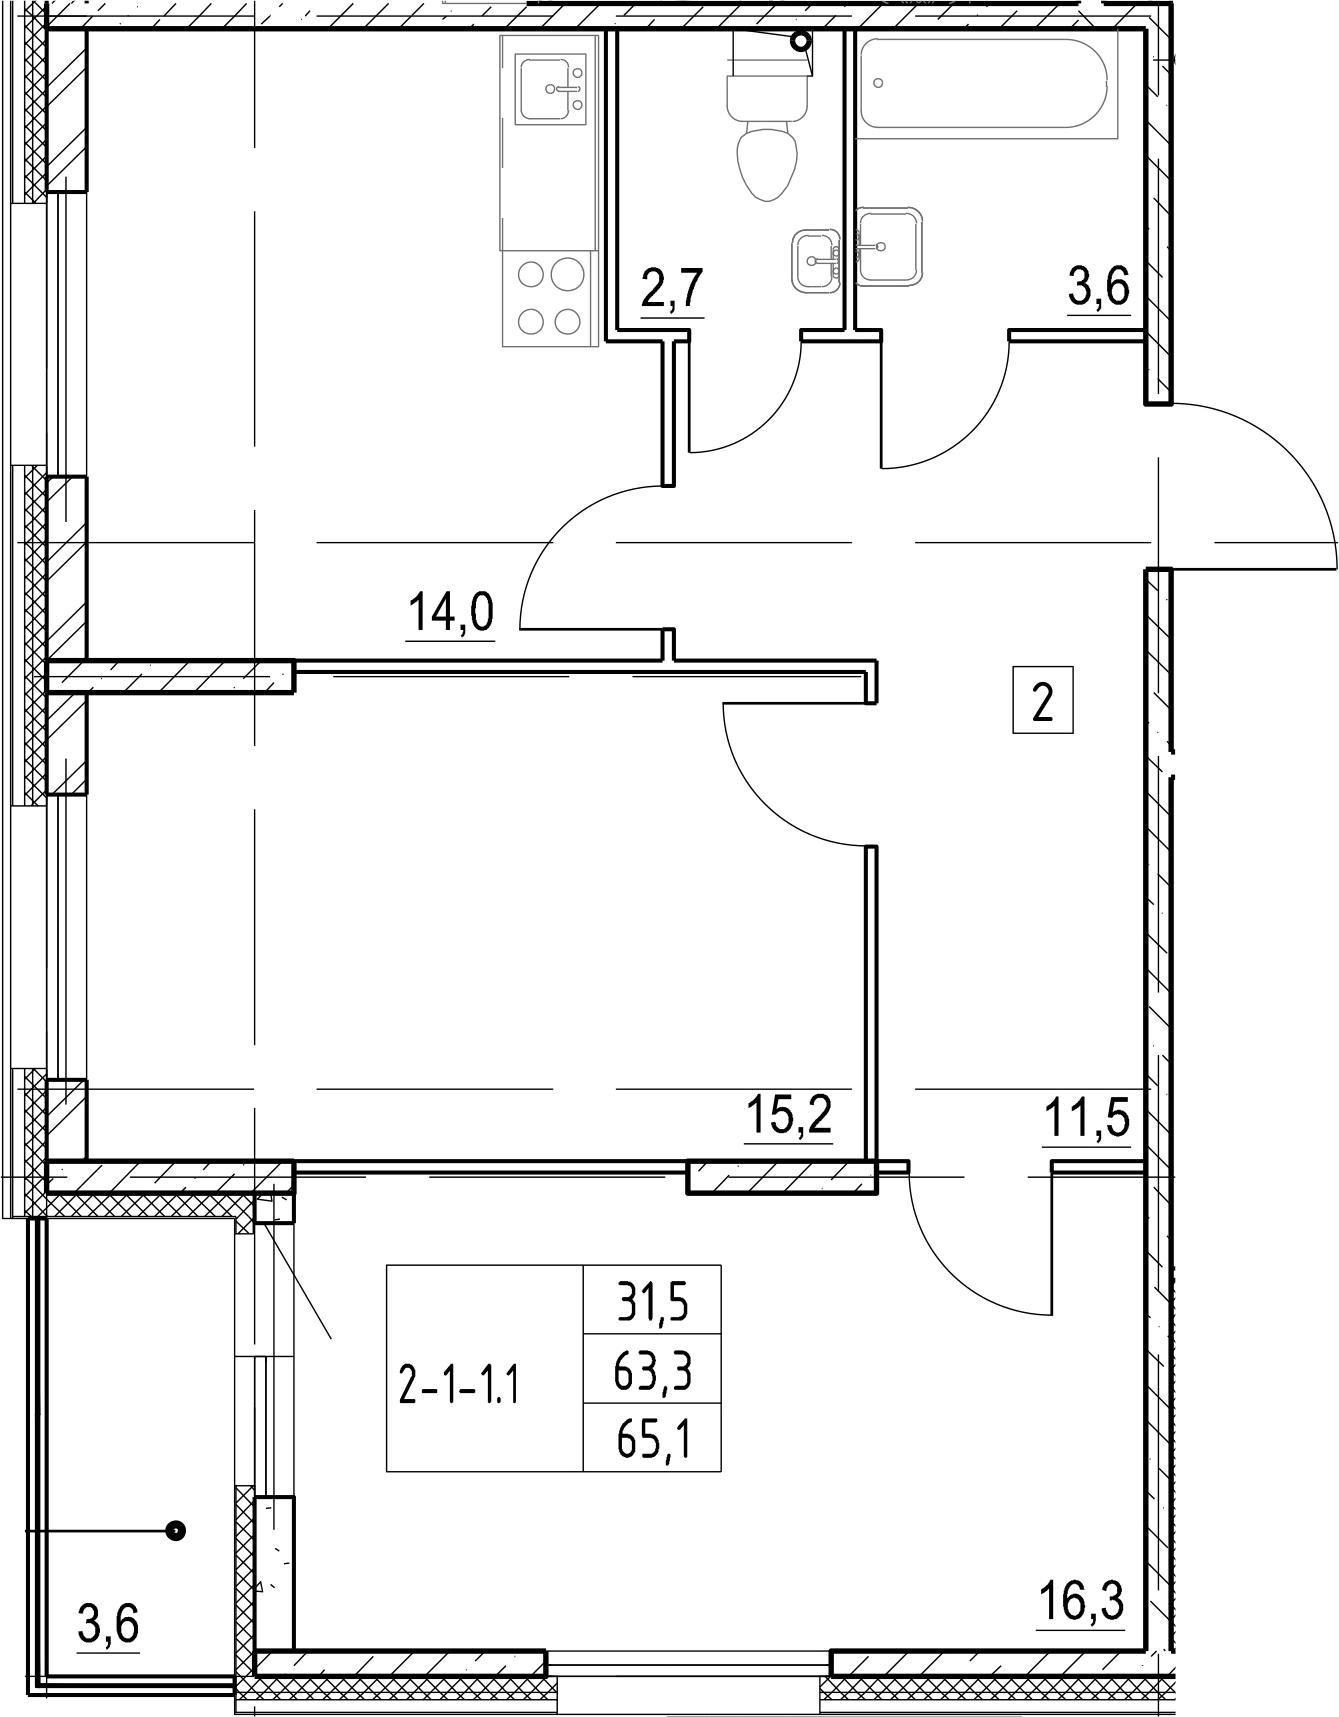 2-комнатная, 65.1 м²– 2